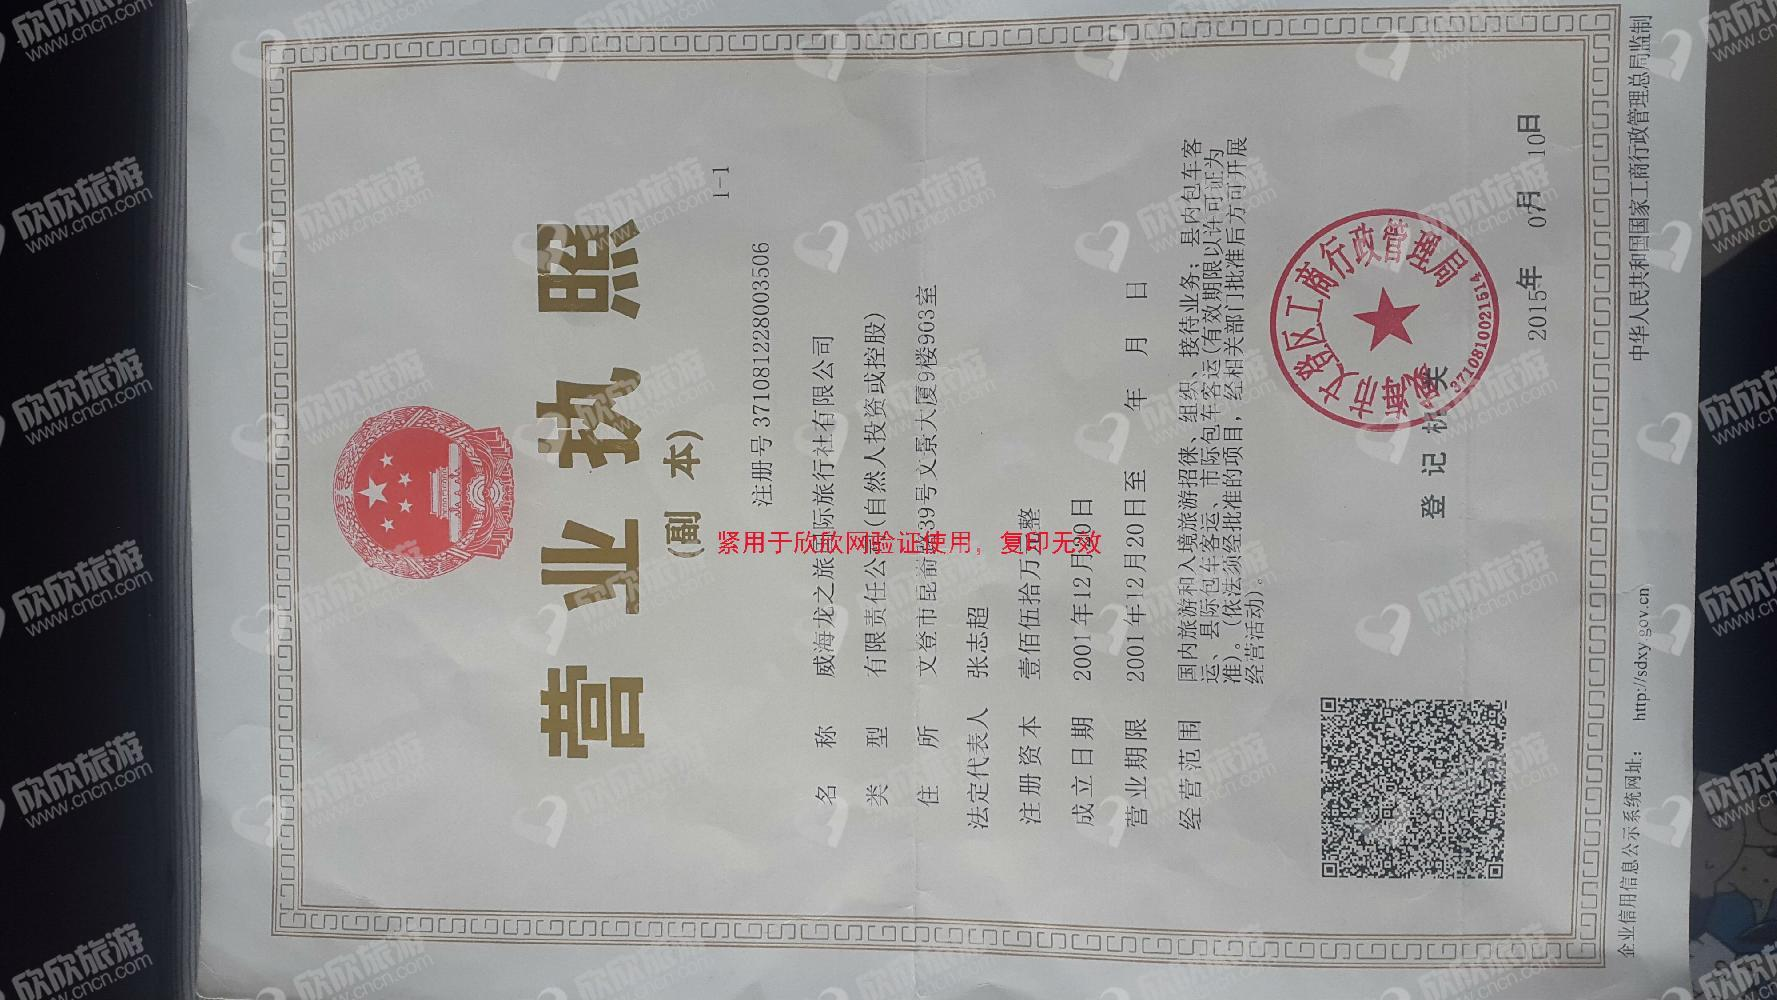 威海龙之旅国际旅行社有限公司营业执照